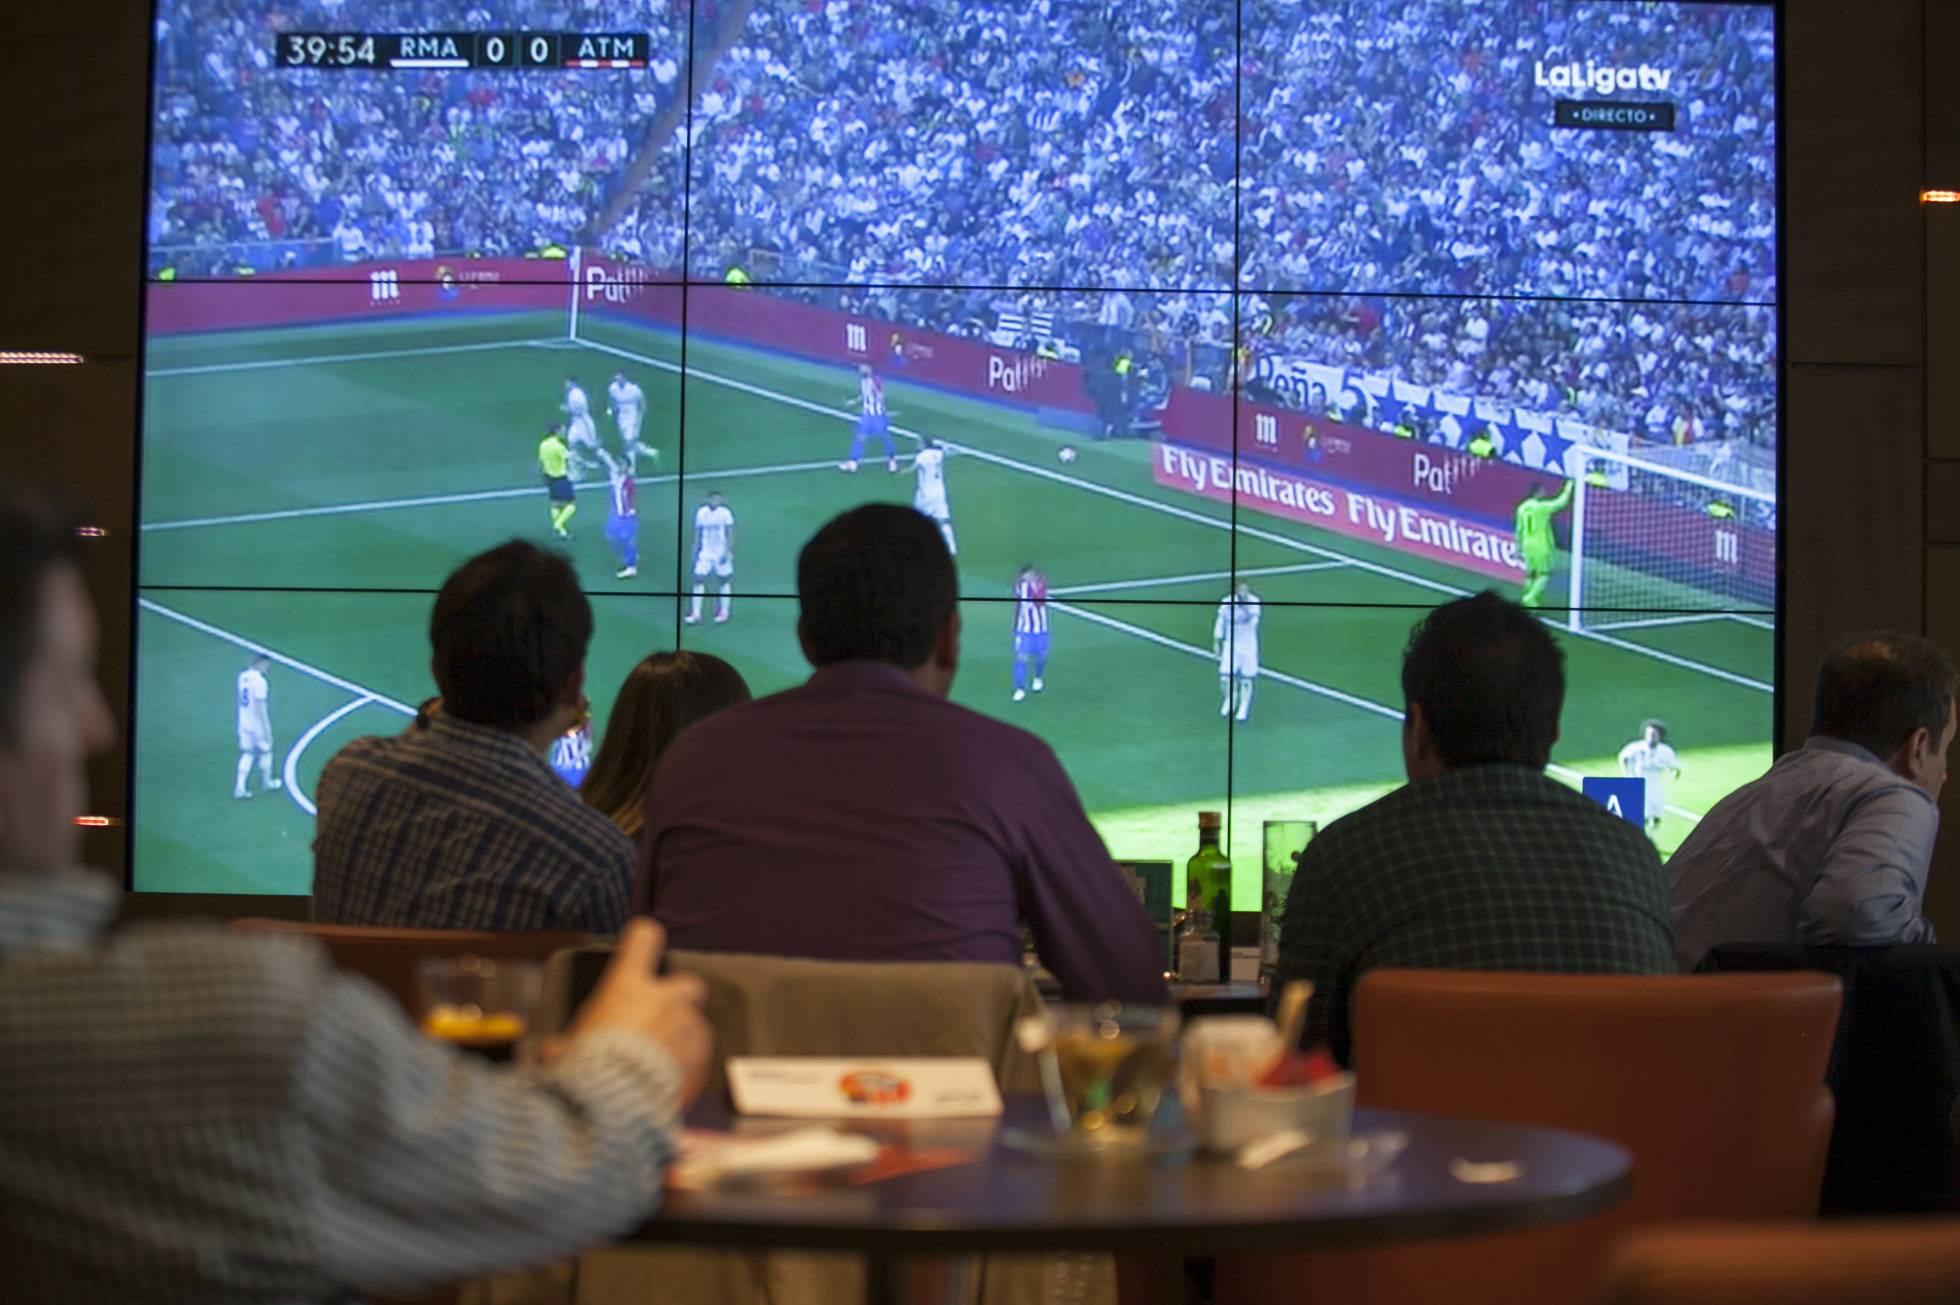 Национальная полиция обнаружила 800 баров, нелегально транслировавших футбольные матчи